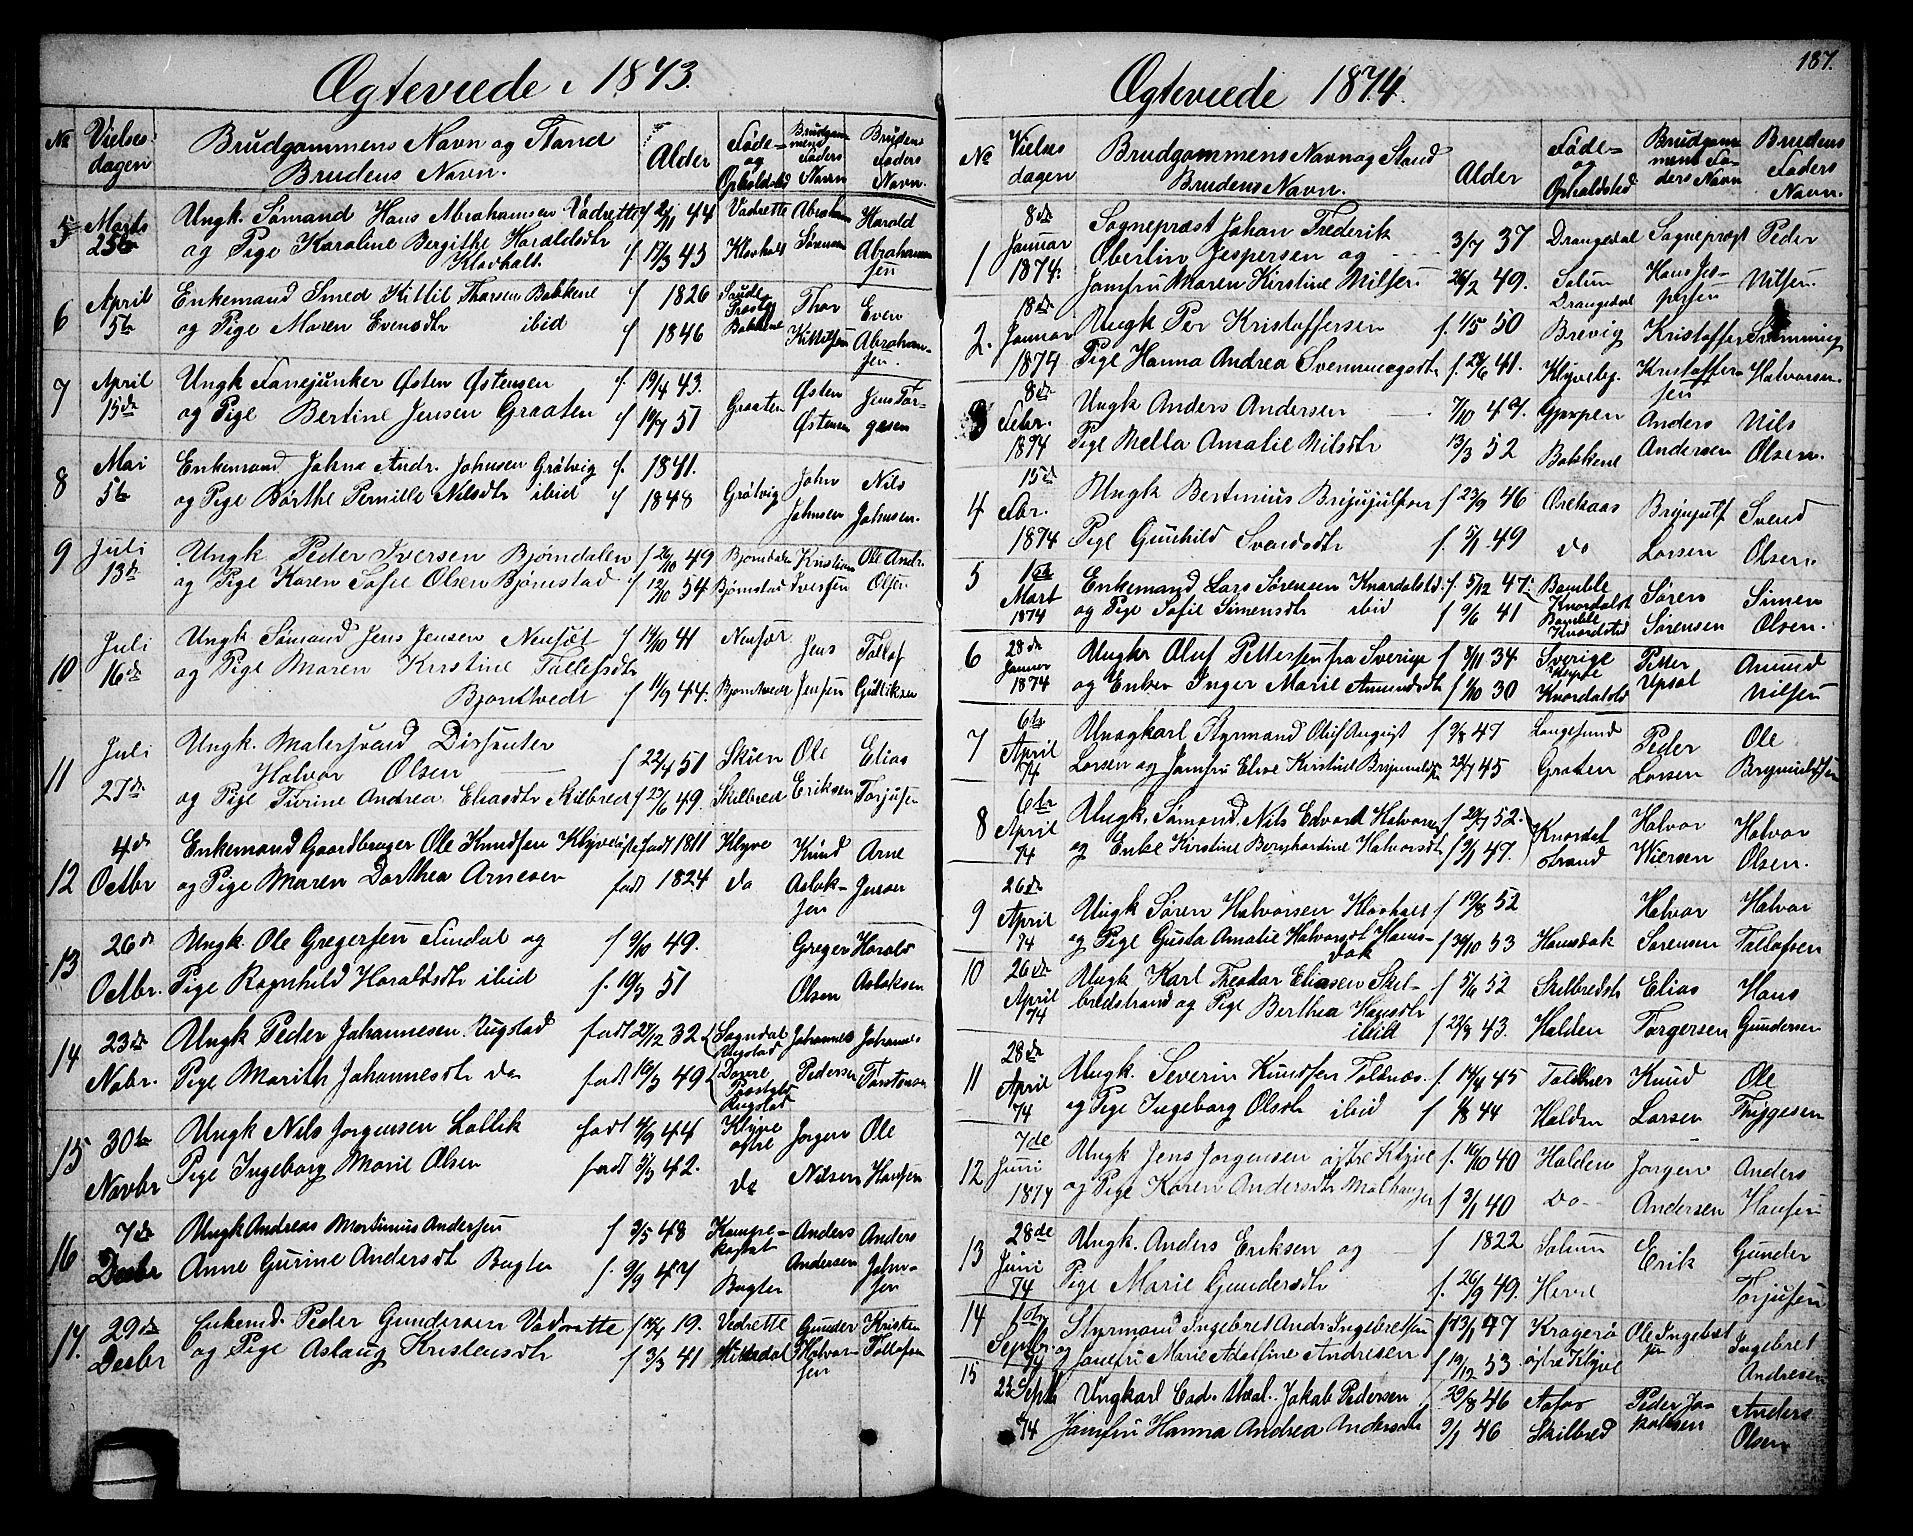 SAKO, Solum kirkebøker, G/Ga/L0004: Klokkerbok nr. I 4, 1859-1876, s. 187